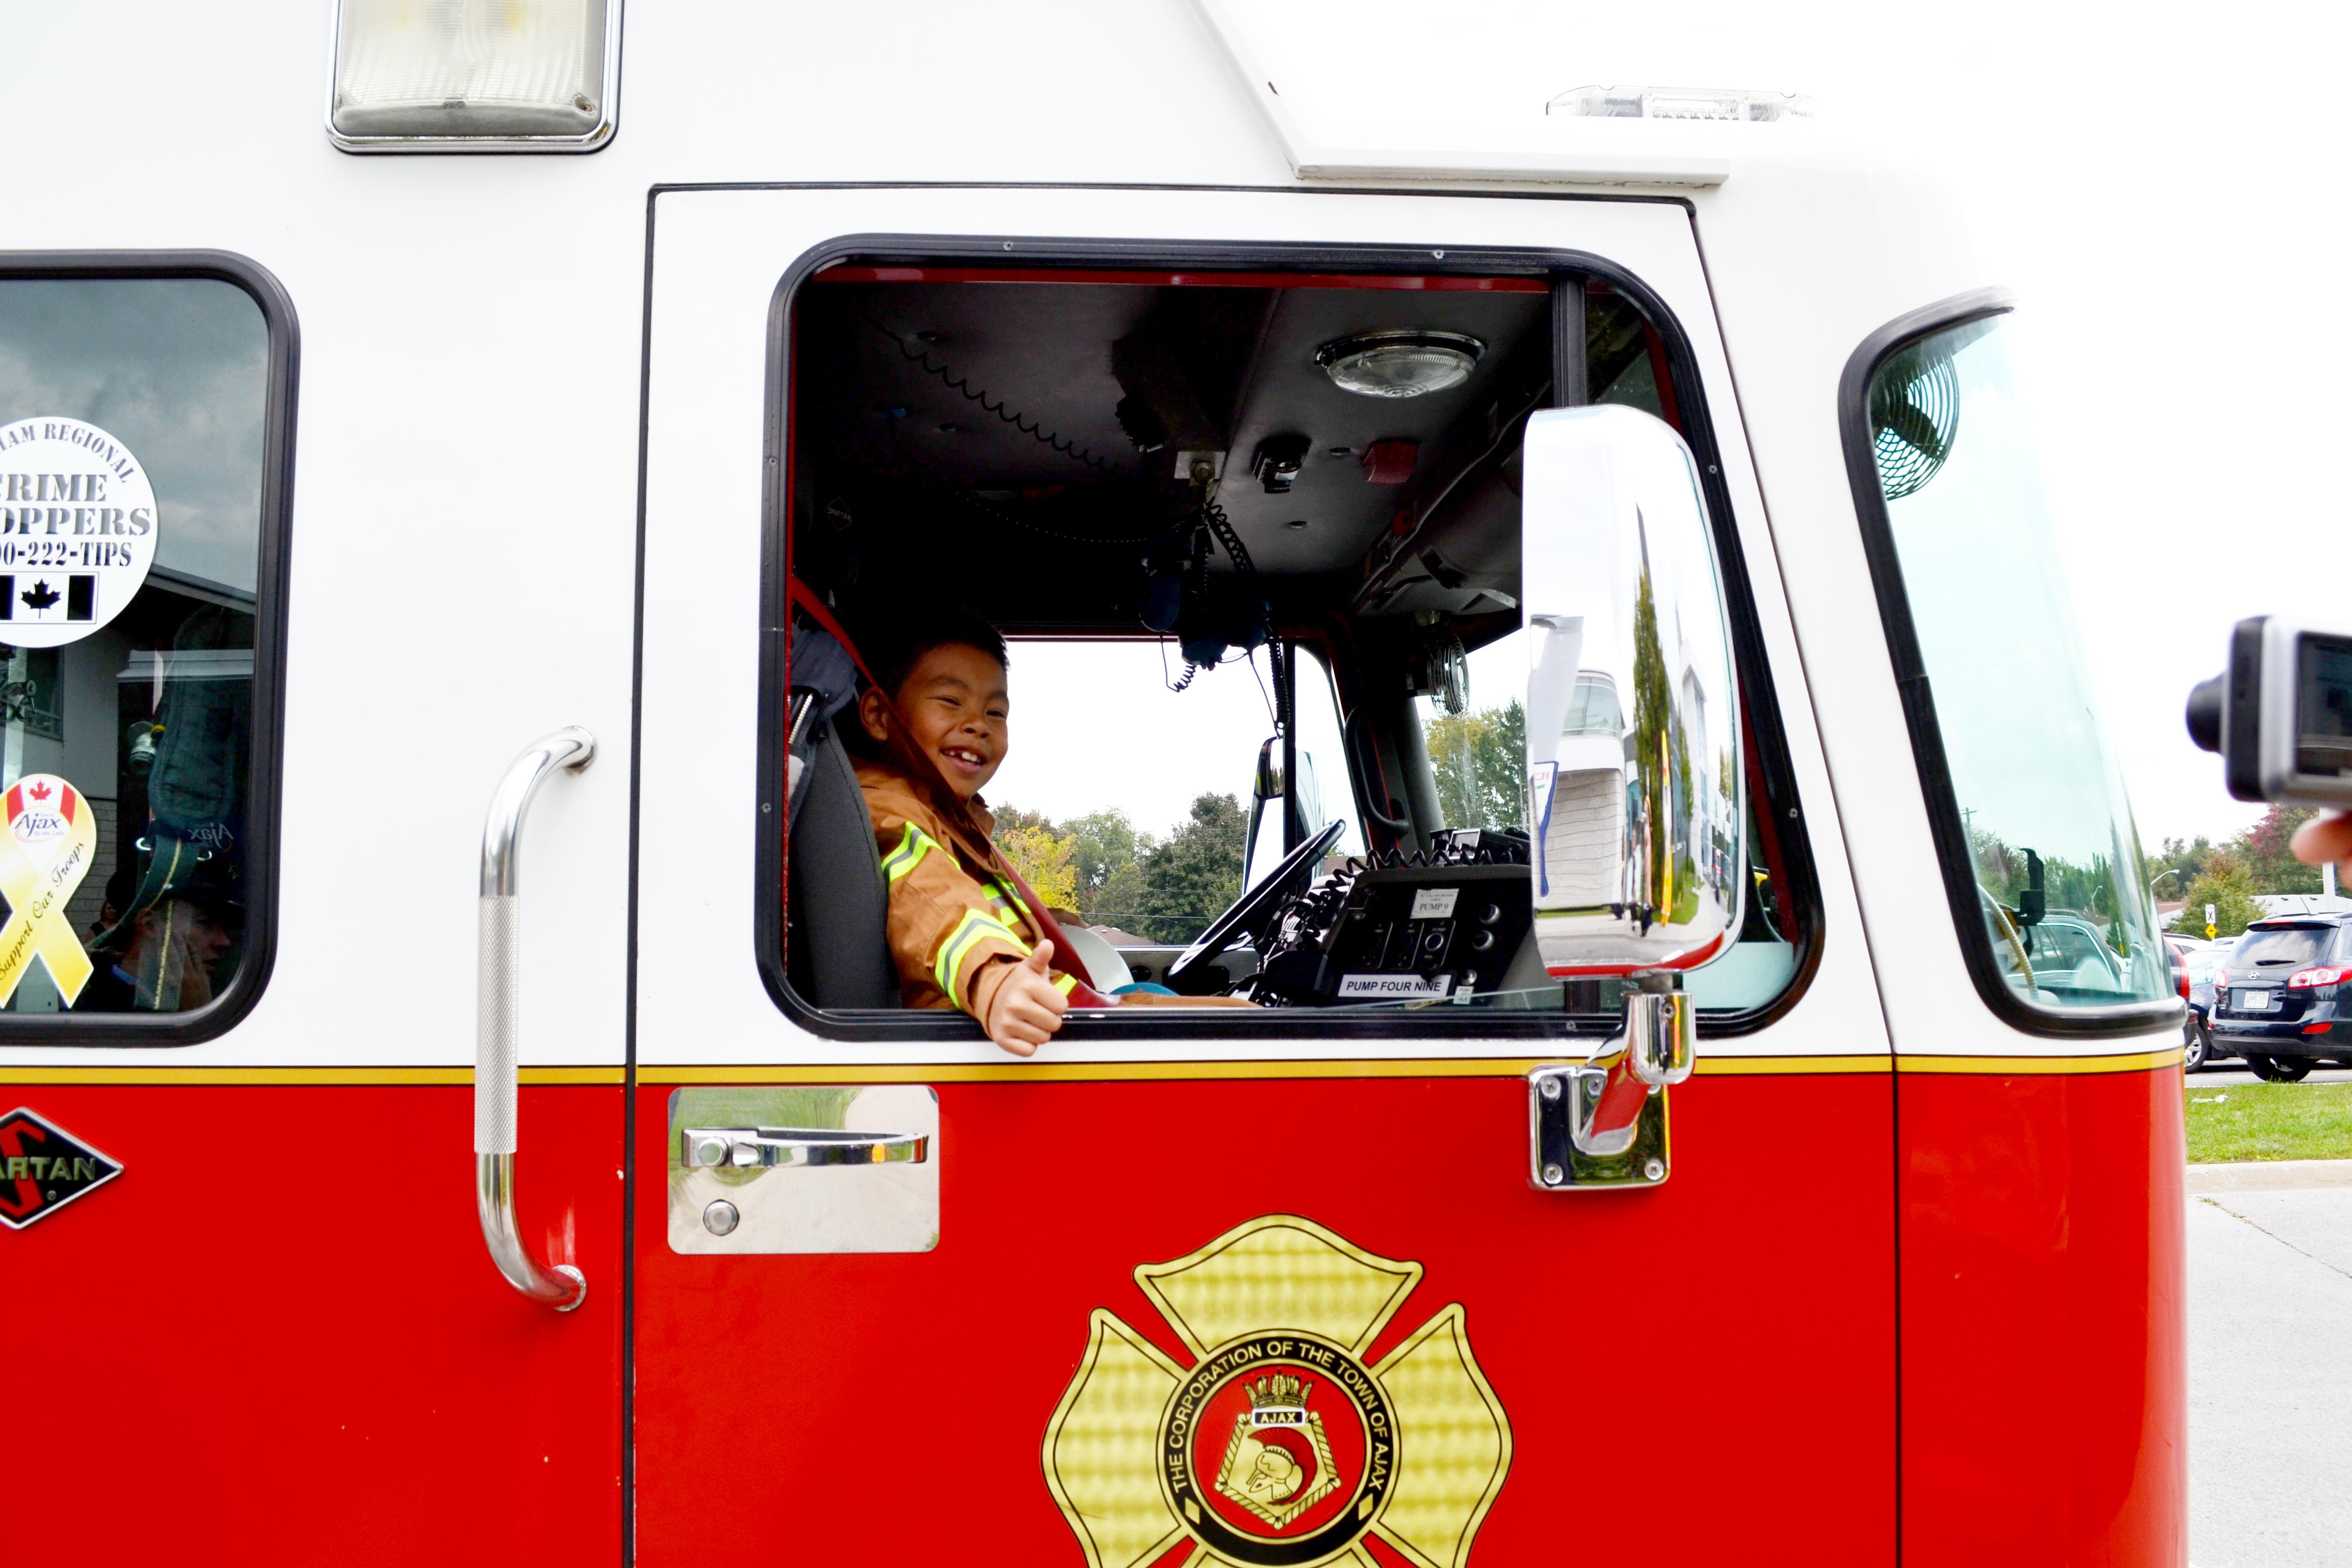 Jayden in fire truck ready for lunch!